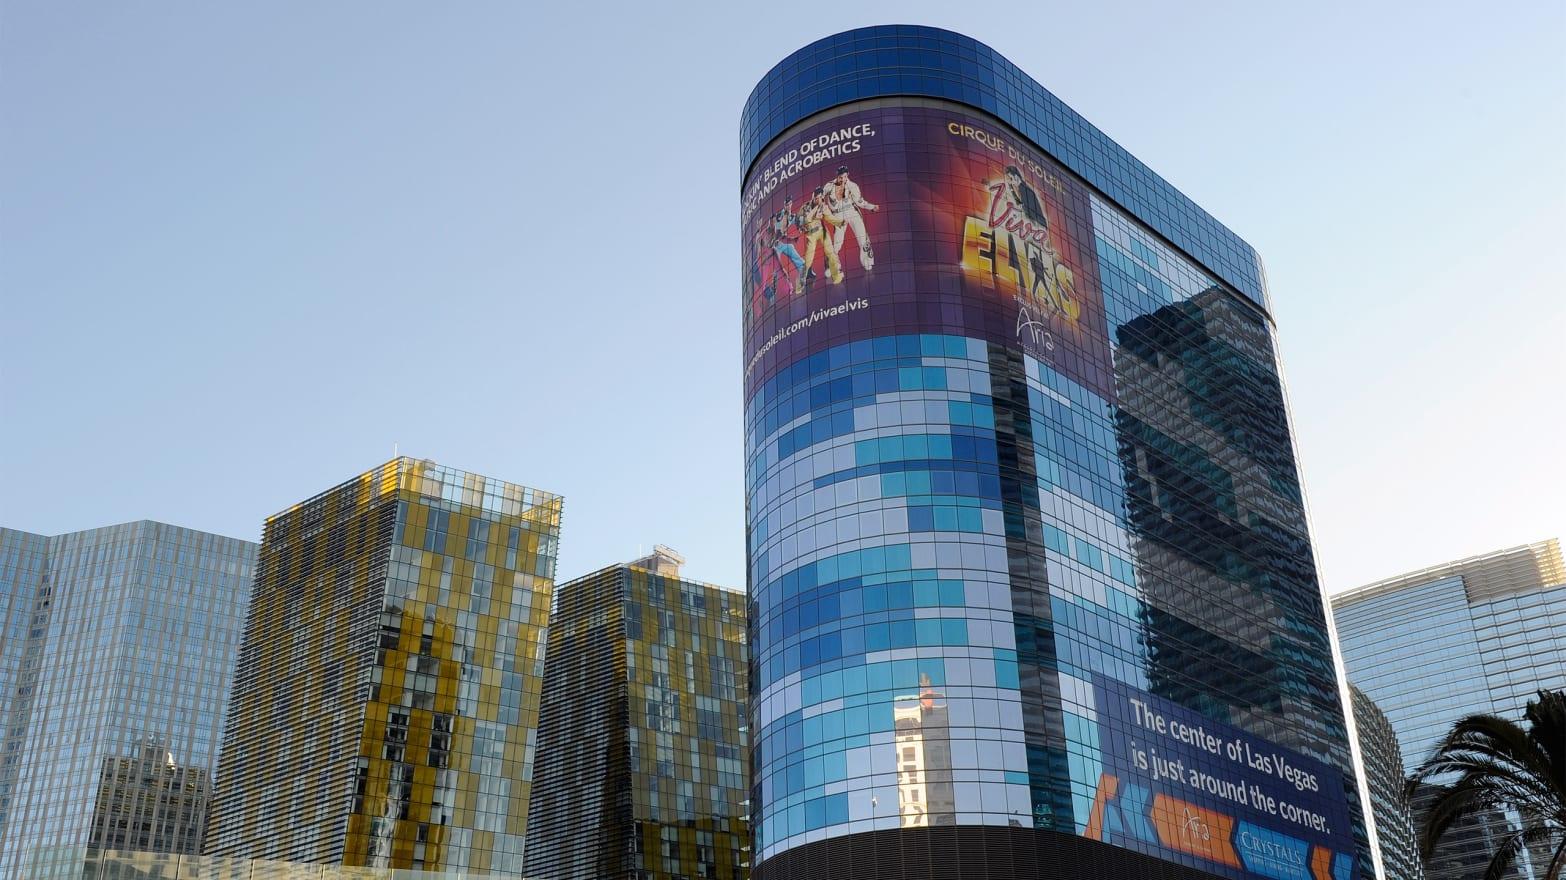 Las Vegas' Incredible Shrinking Tower